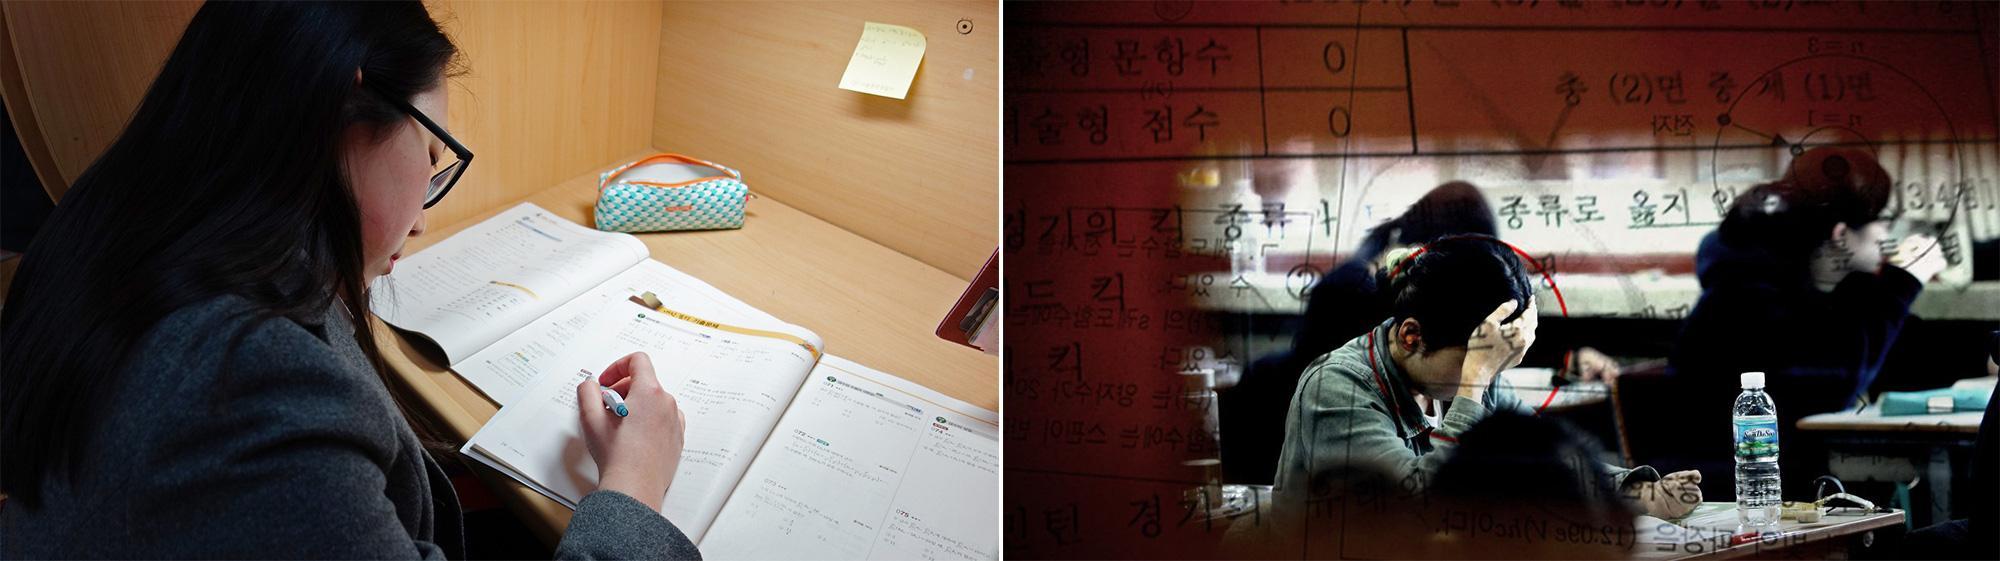 Hàn Quốc - Xã hội quá quan trọng học vấn và hệ lụy - Ảnh 32.